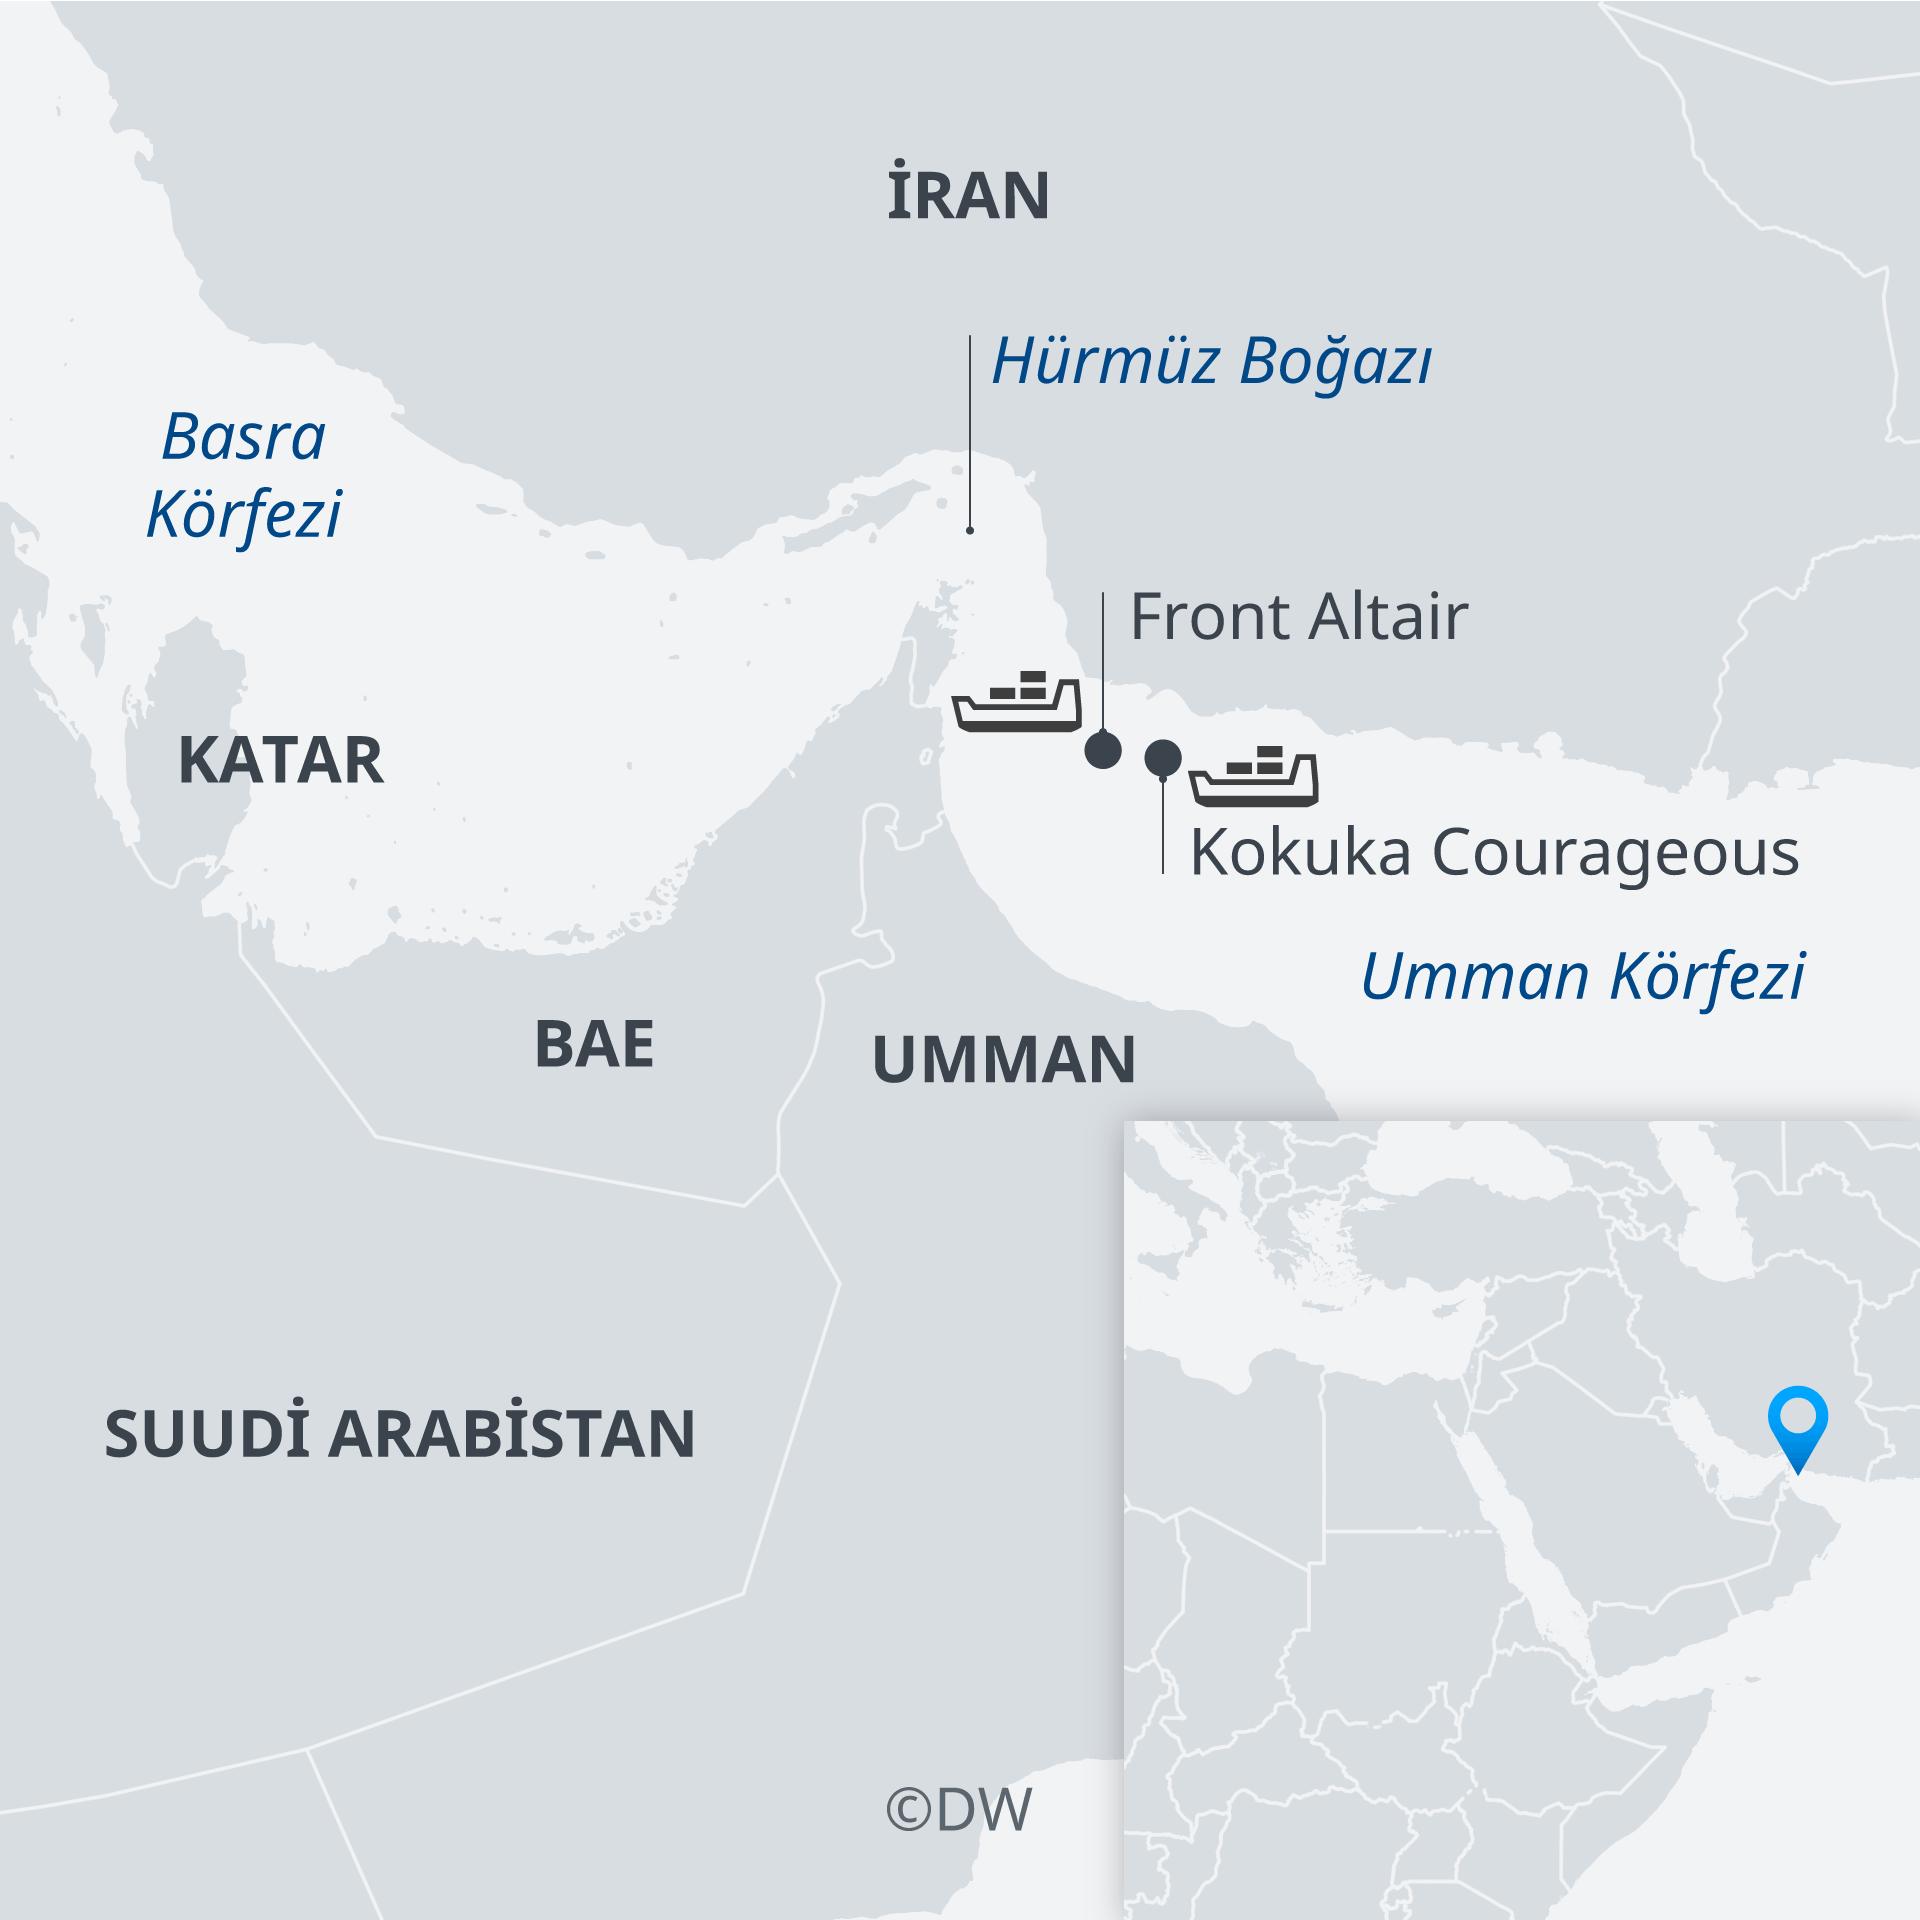 Karte Tanker angeschossen Golf von Oman TR